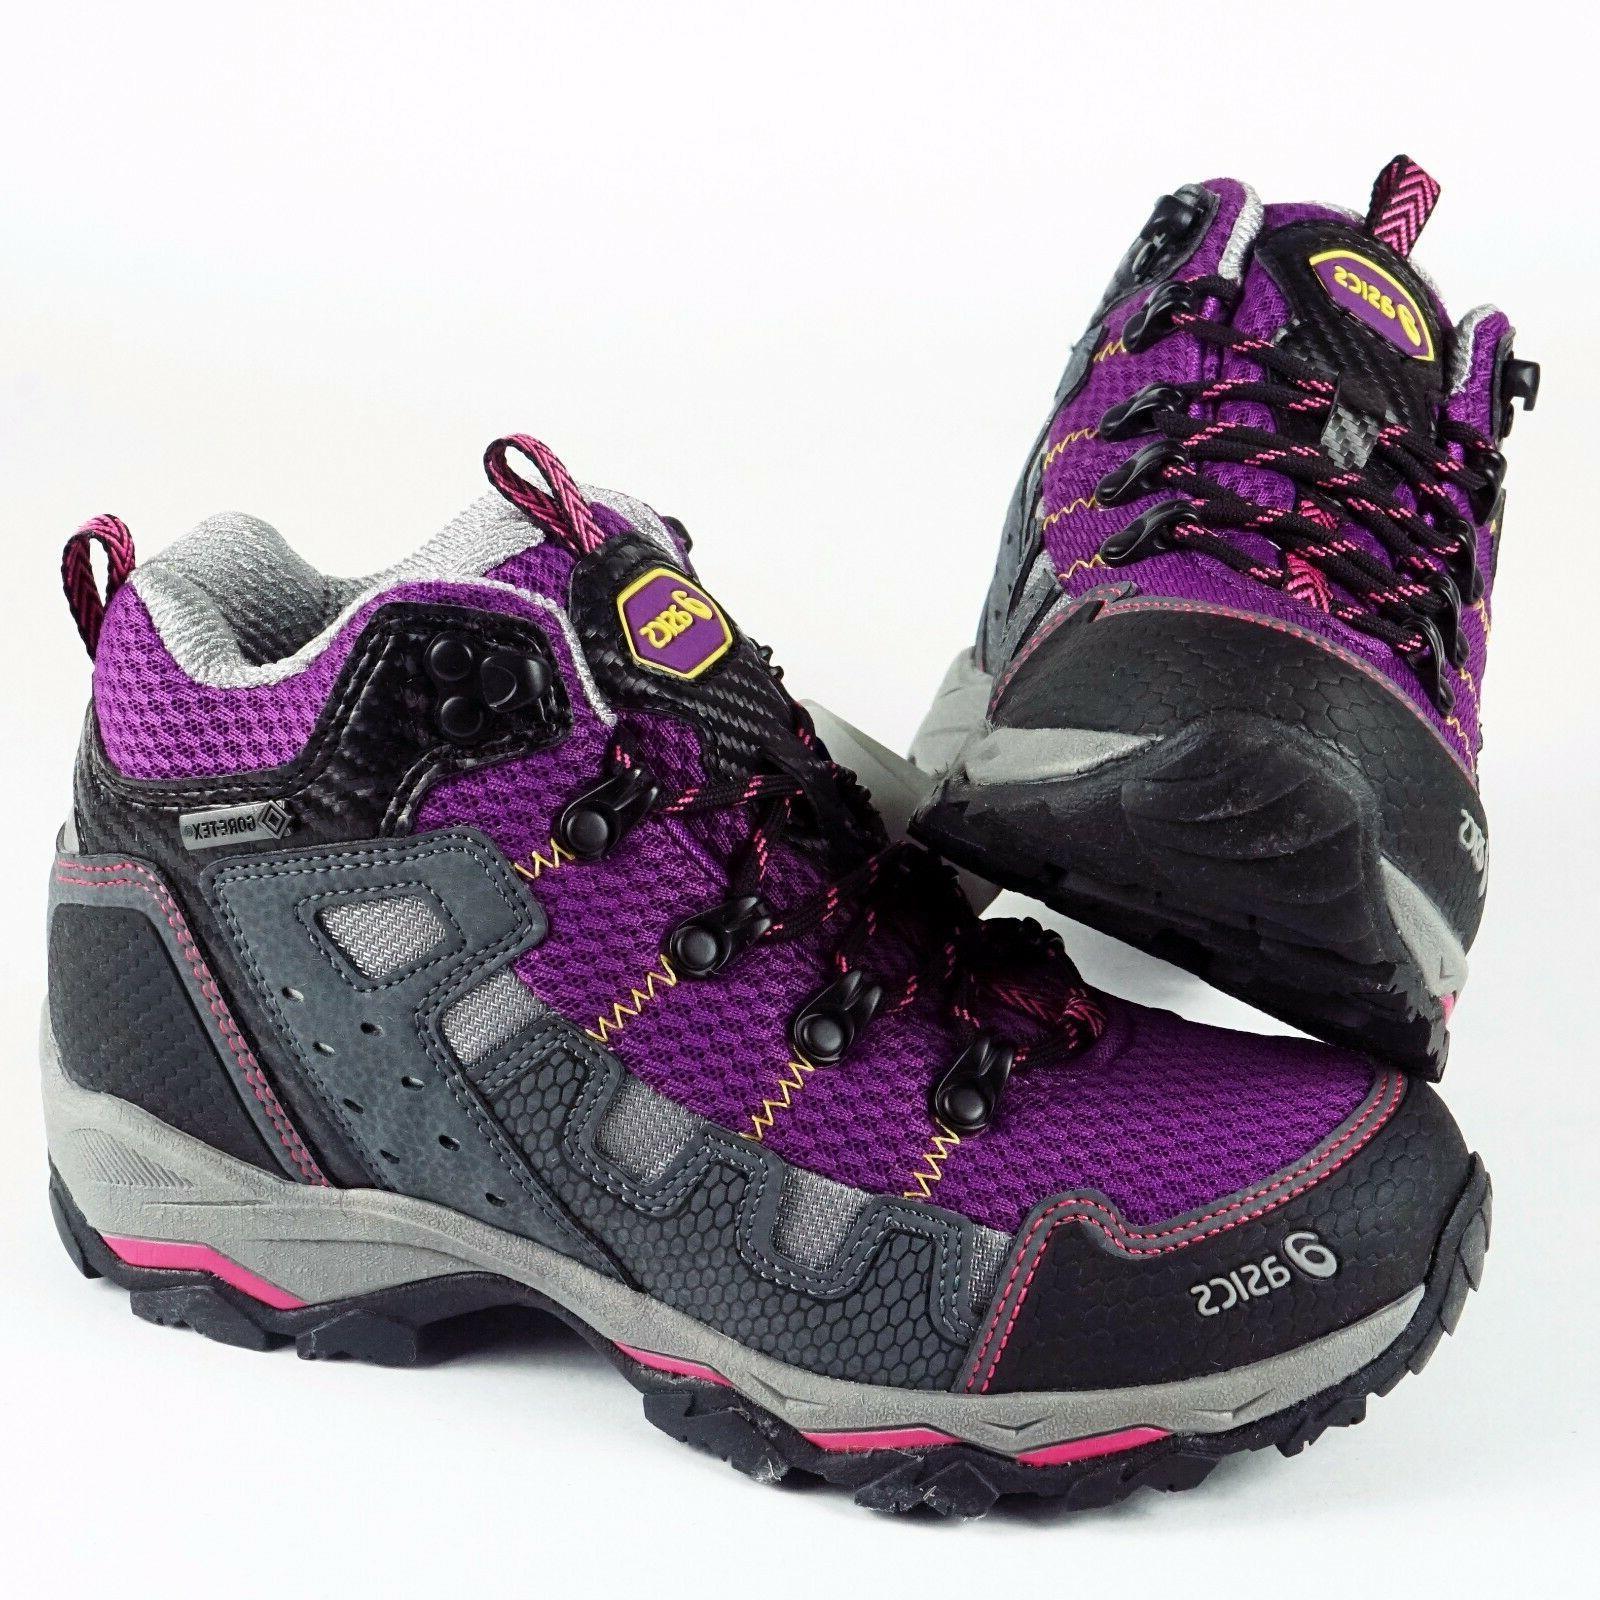 Asics Womens Gore-tex Mid Sports Trekking Trail Hiking